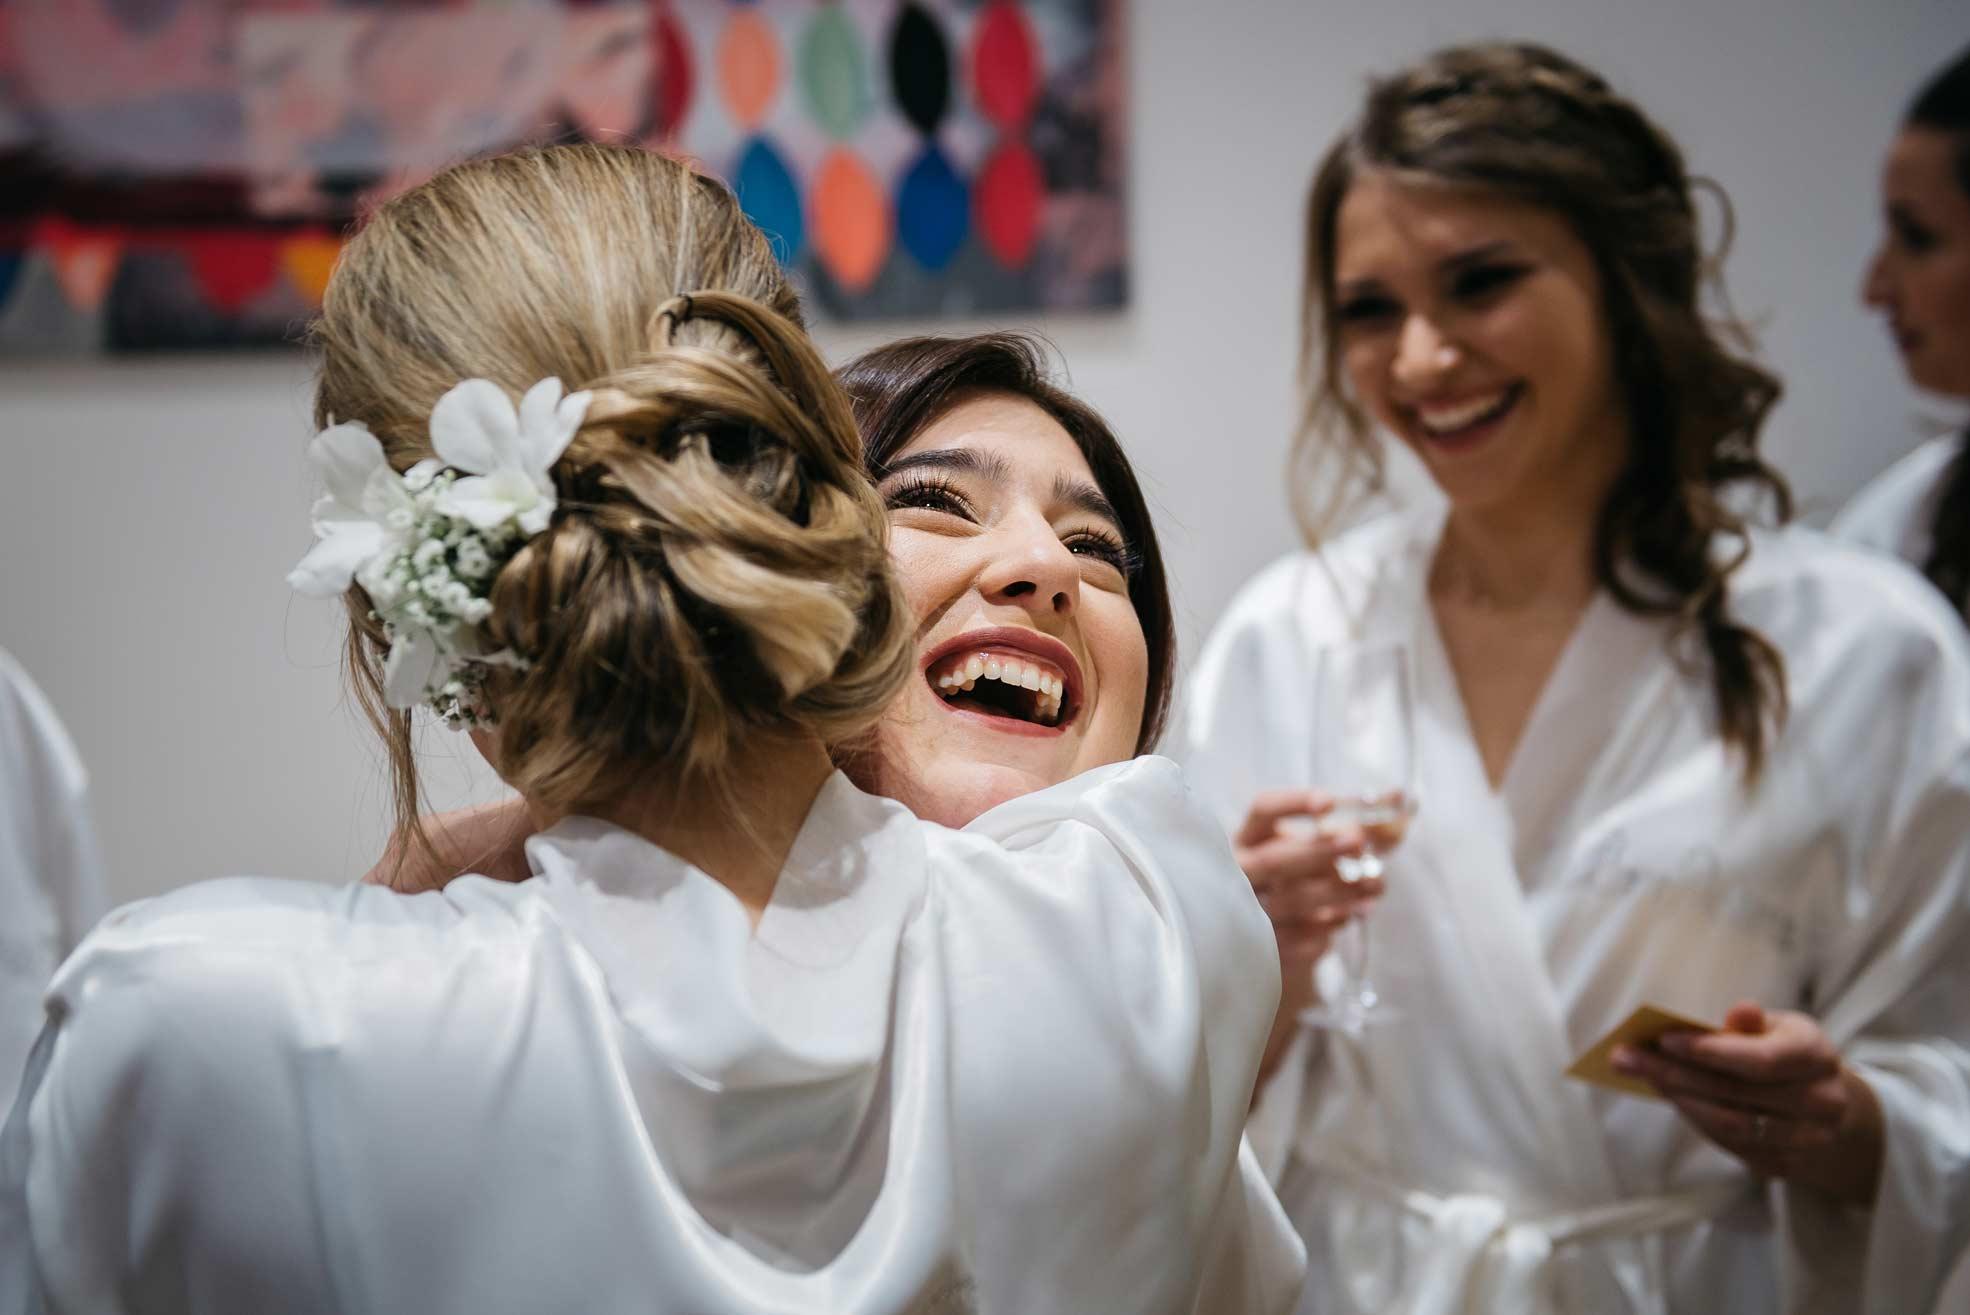 Fotografo-Stile-Reportage-Di-Matrimonio-Roma-Preparativi-Sposa